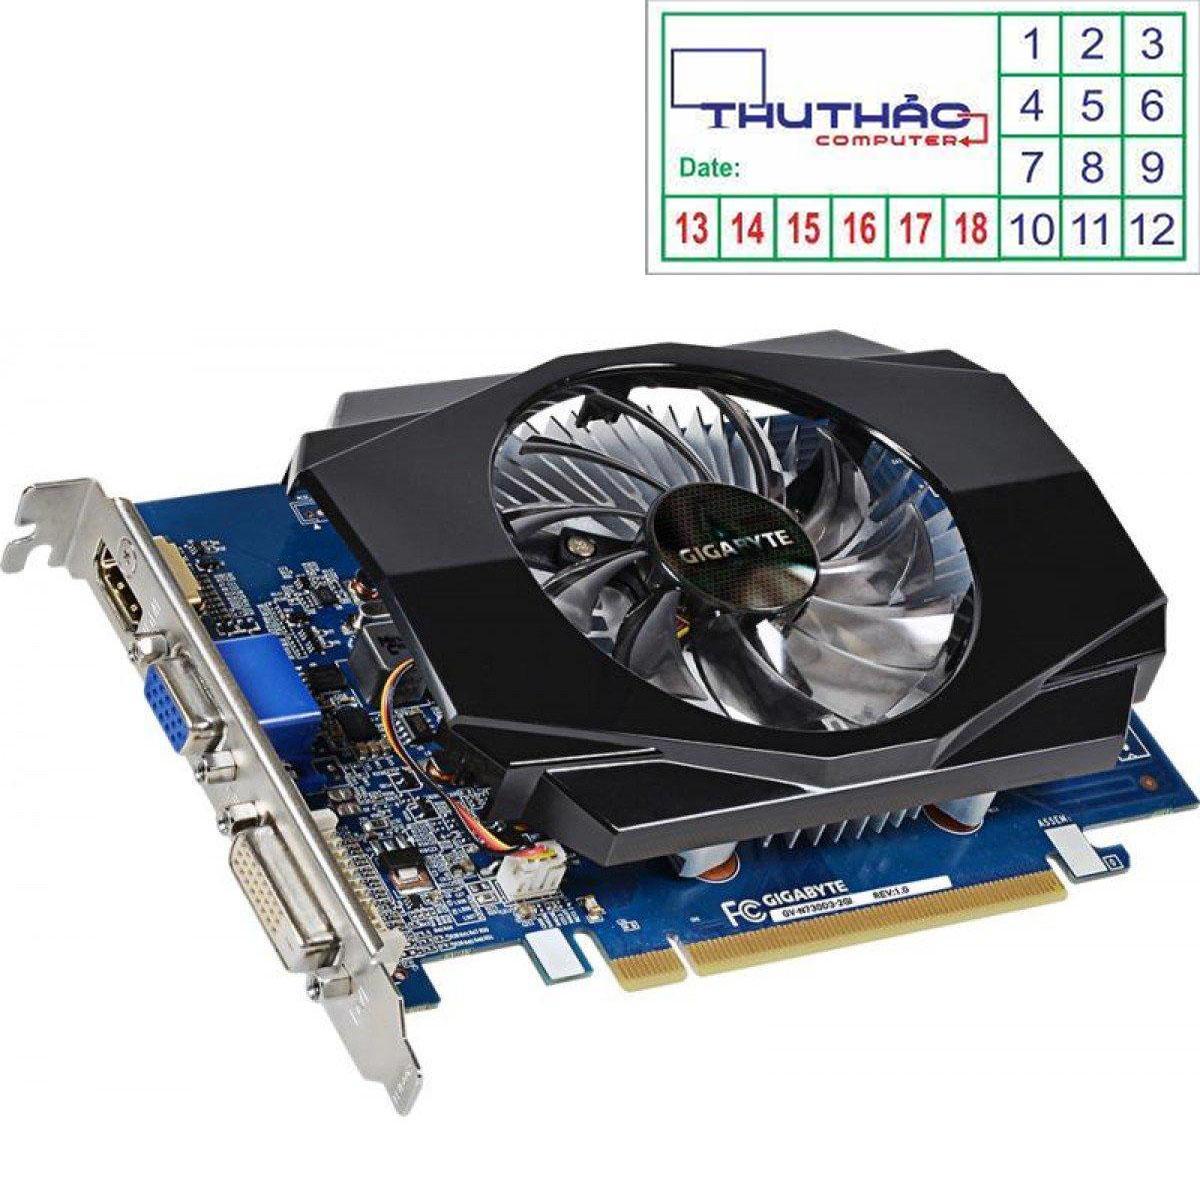 Hình ảnh CARD MÀN HÌNH VGA GIGA GV-N630/2GB/DDR3/128 bit